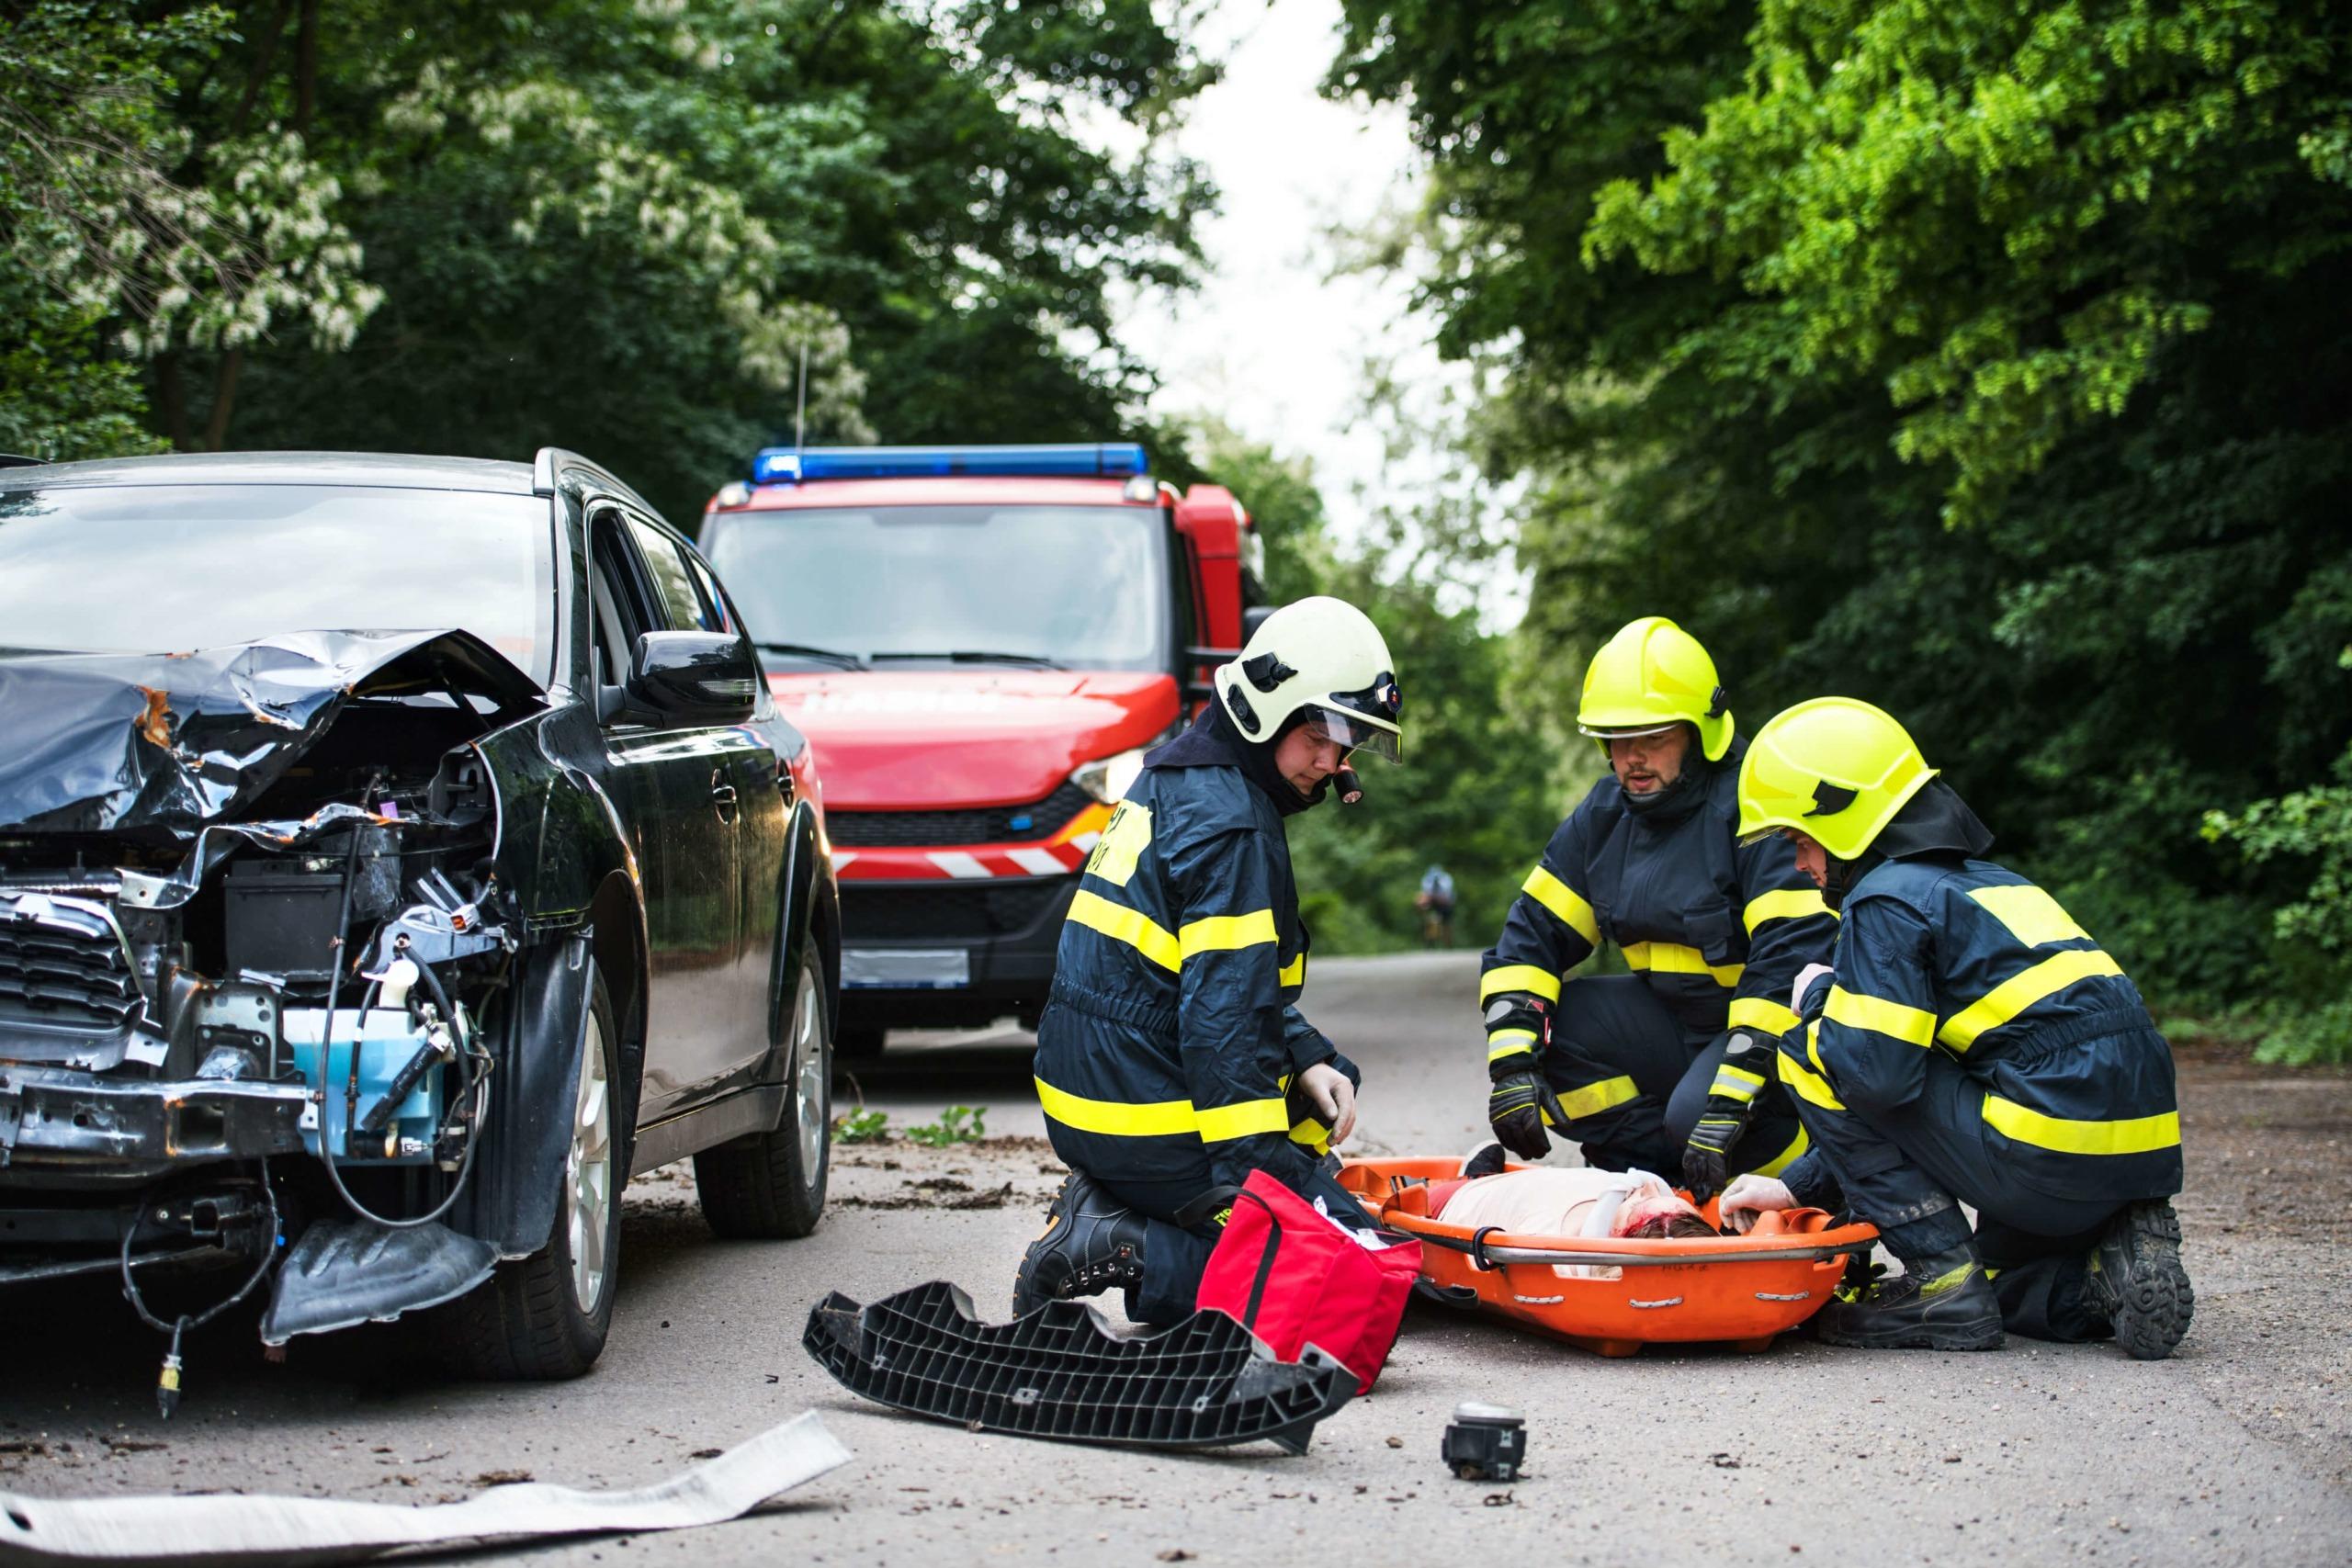 perito judicial experto en accidentes de tráfico